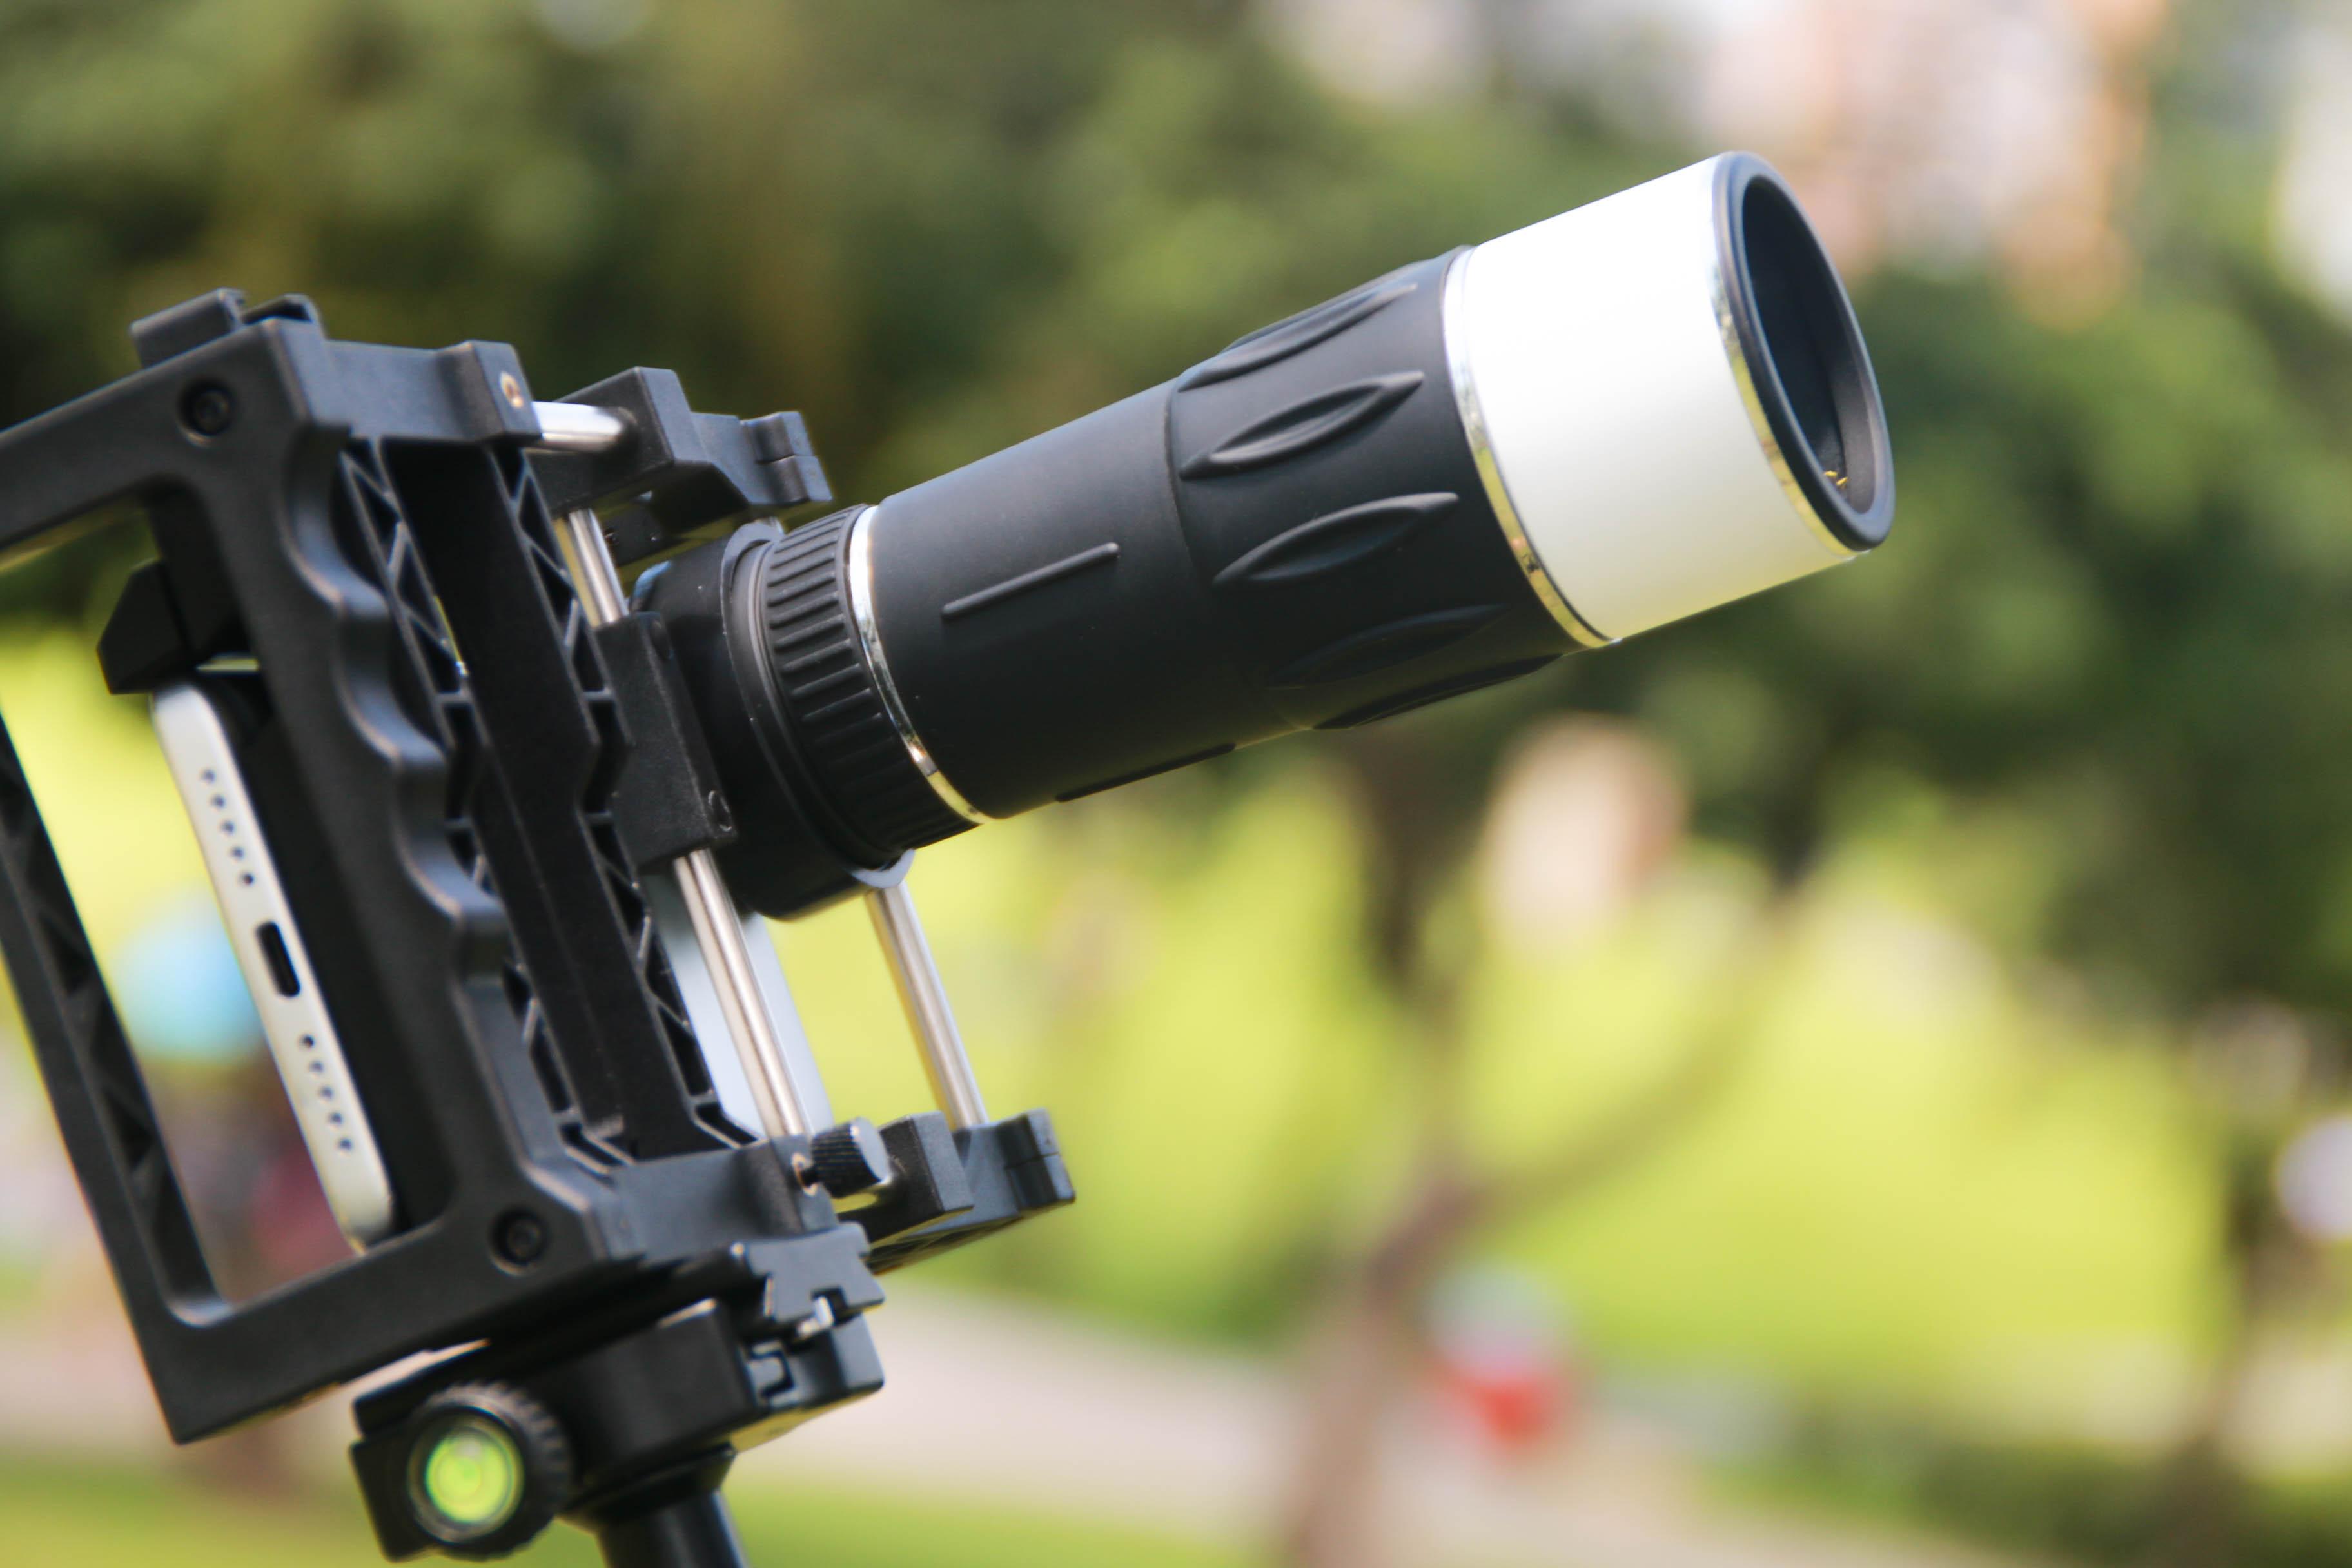 遠攝鏡頭在風景攝影中的應用